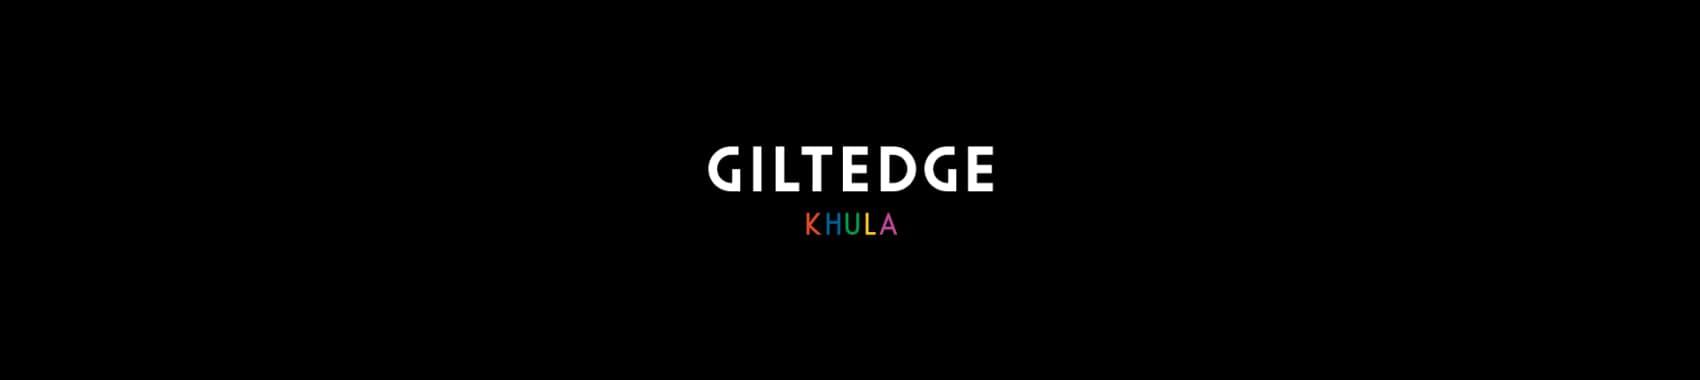 GE-Khula-banner